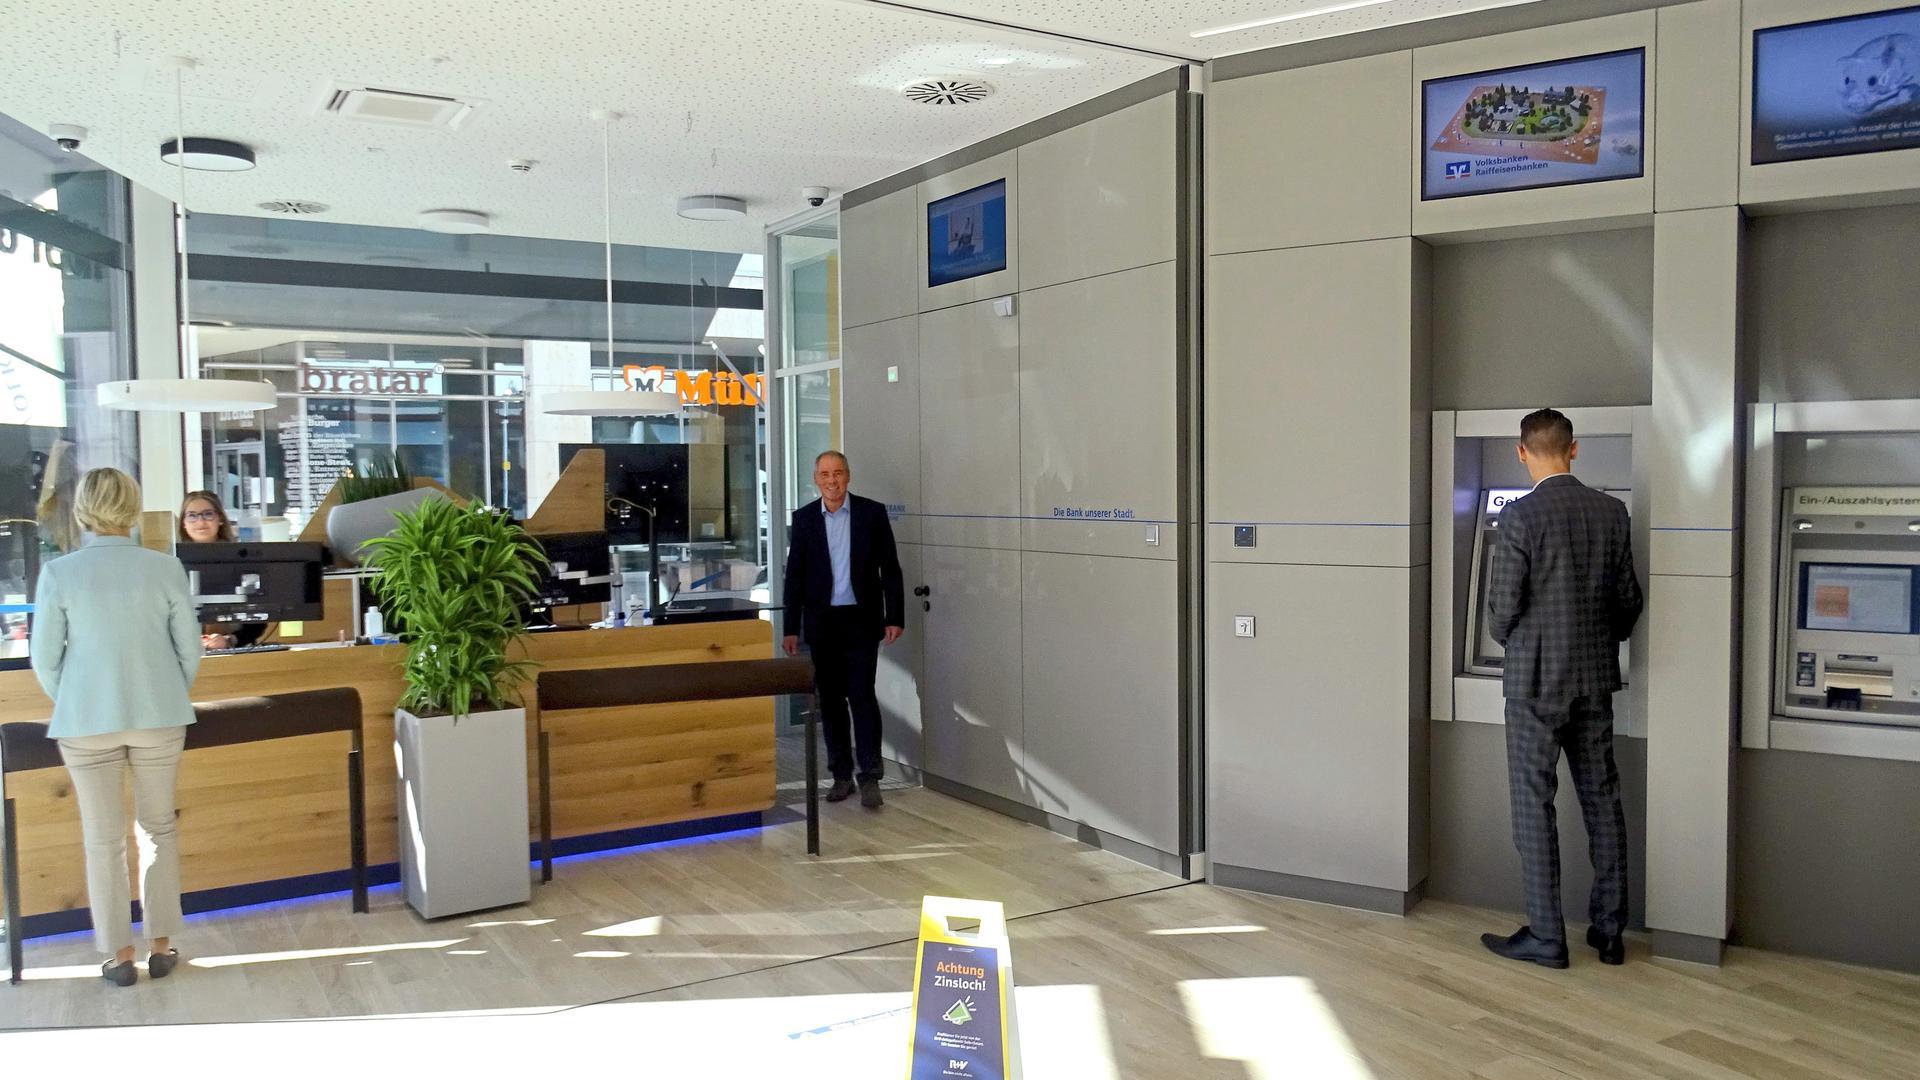 Eingangsbereich der neuen Filiale am Rondellplatz.